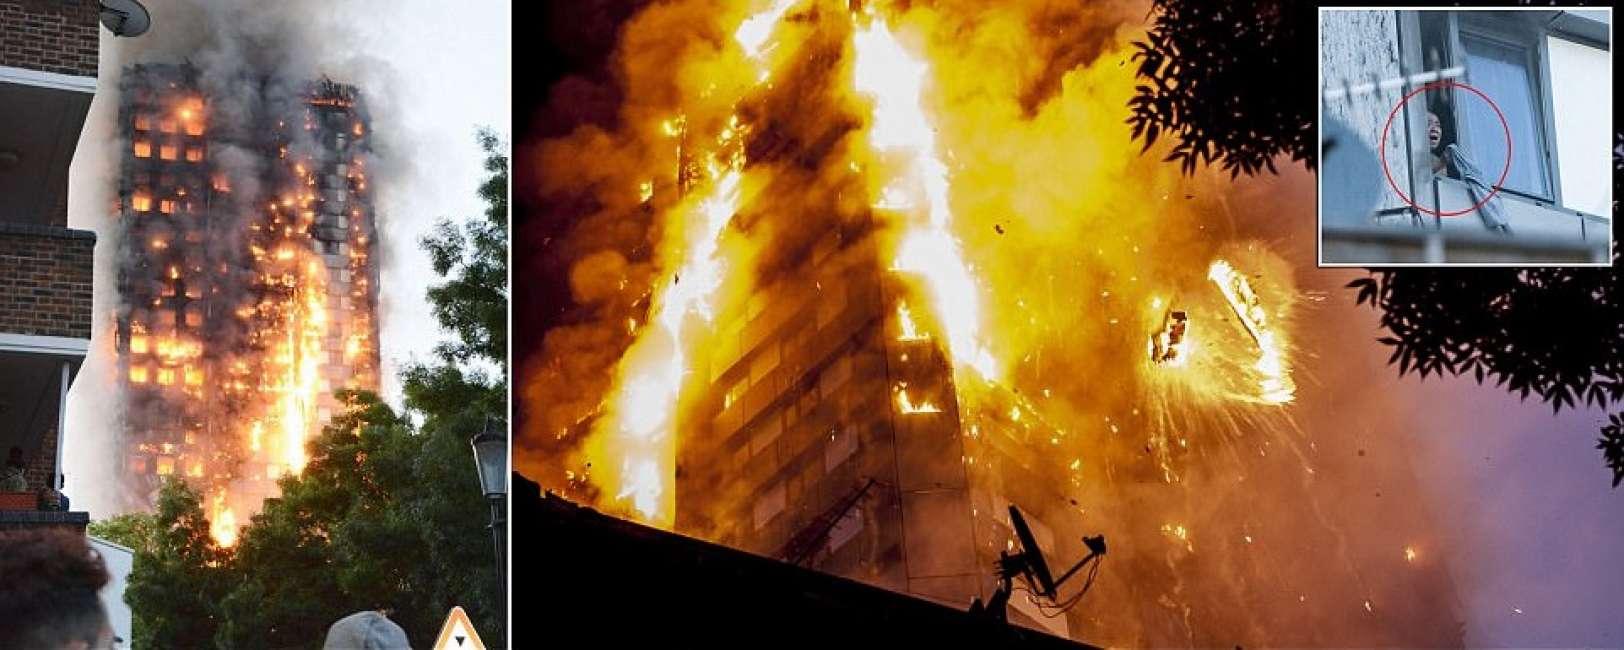 Come Si Dice Letto A Castello In Inglese.Lo Schettino Inglese L Incendio Di Londra Parte In Casa Sua Lui